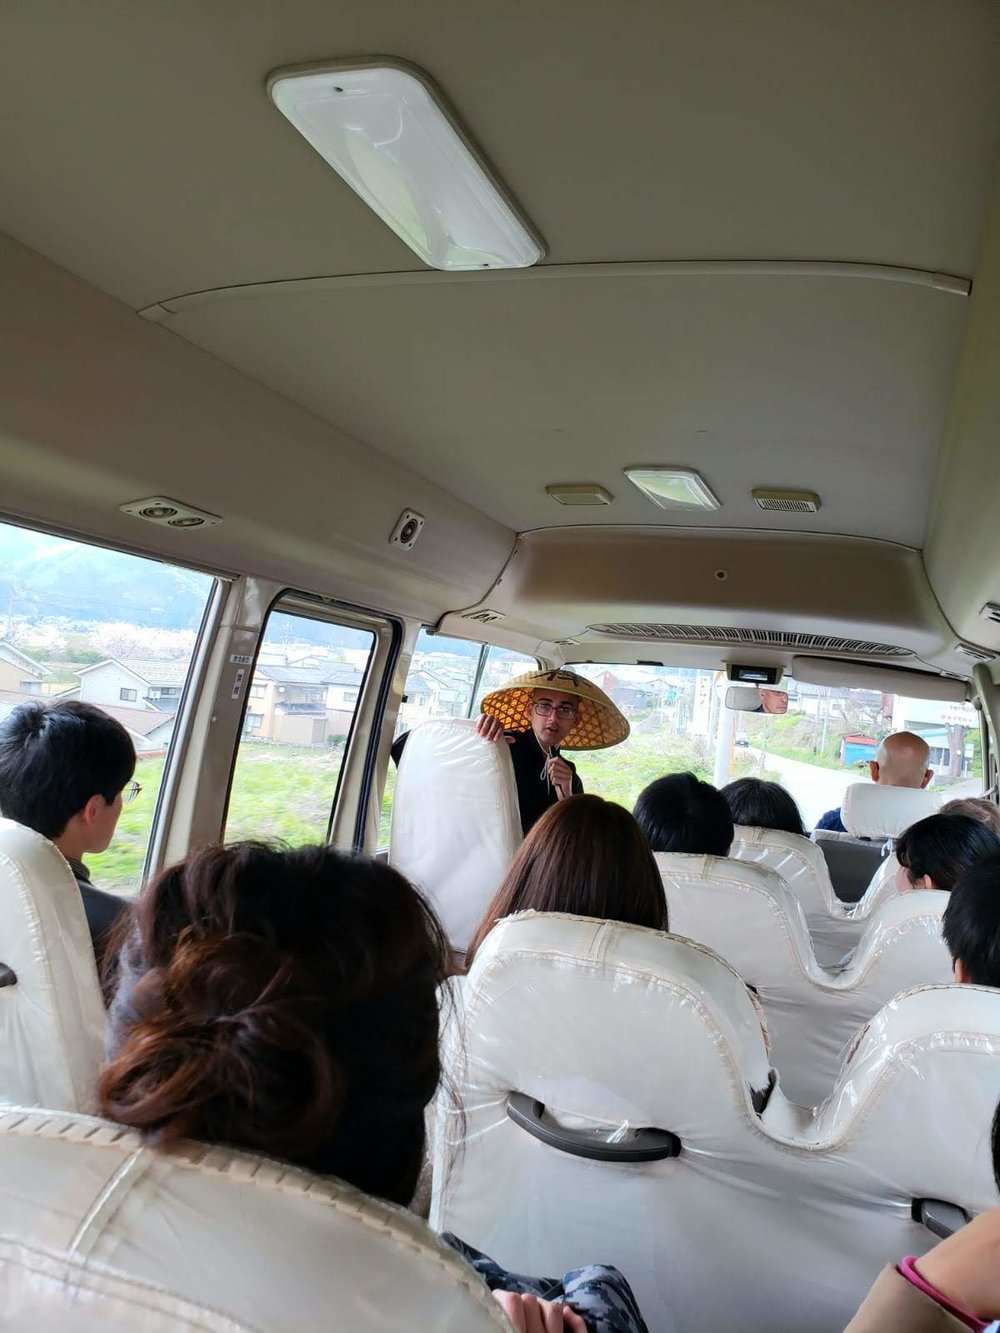 バスの中での会話